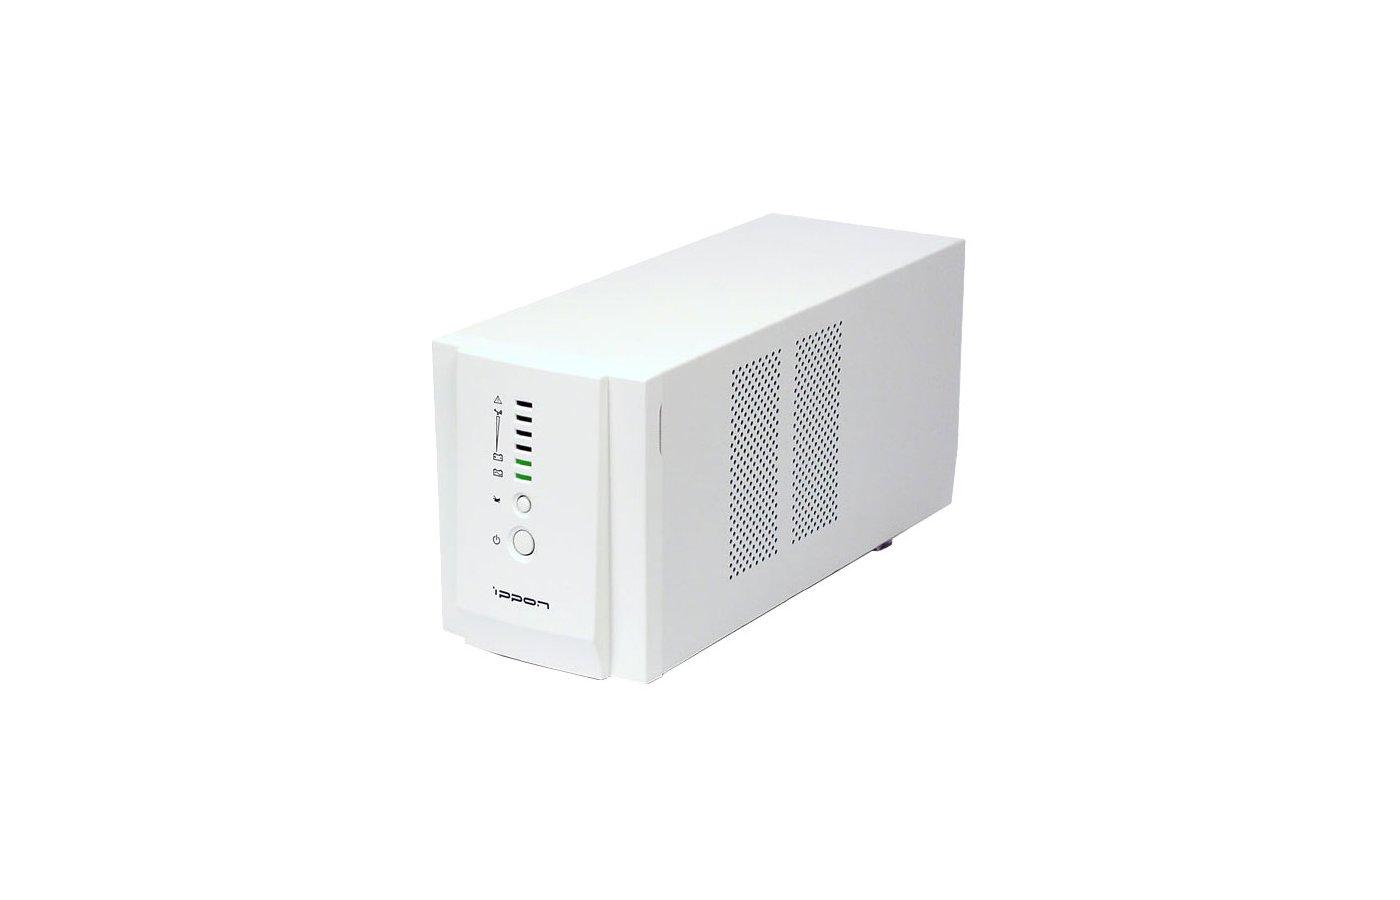 Блок питания Ippon Smart Power Pro 1400 840Вт 1400ВА черный